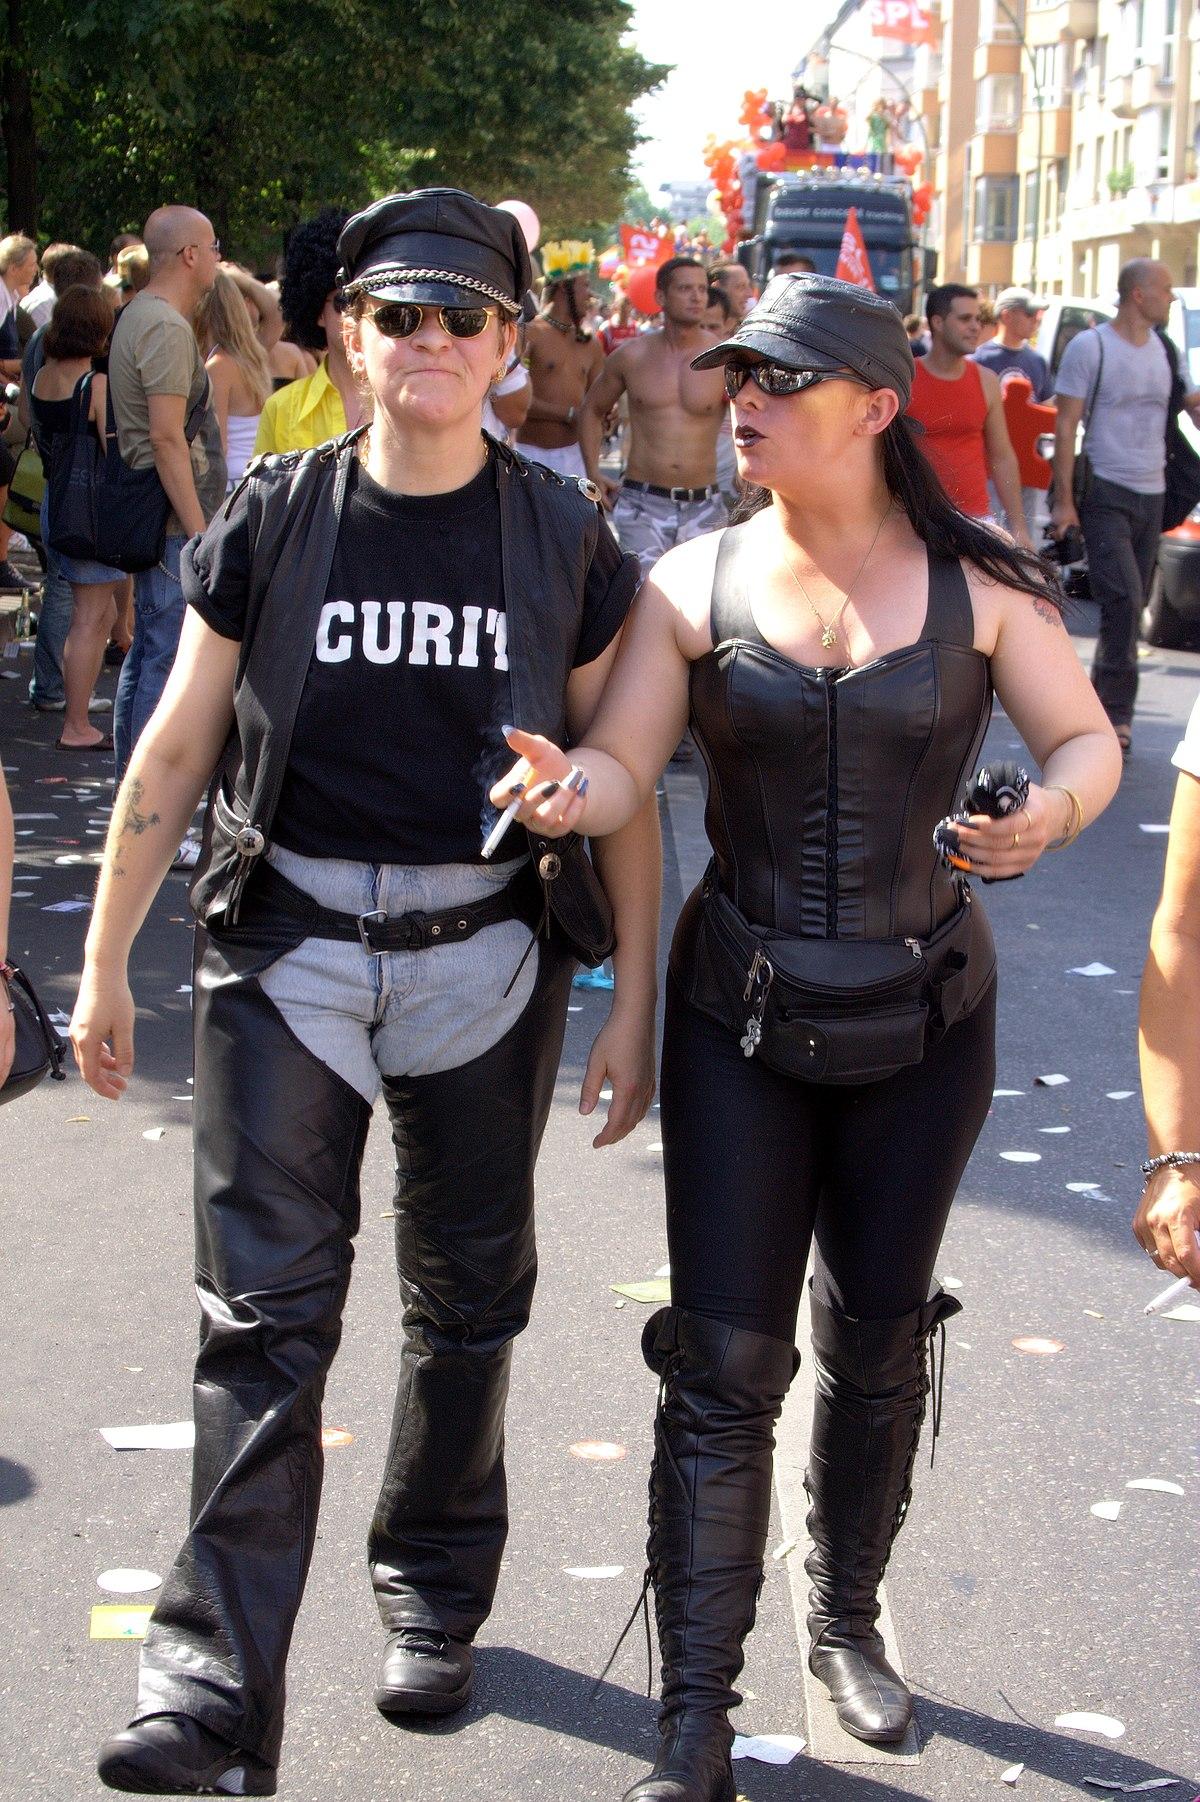 Datei:Leather Dyke-Christopher Street Day-Berlin 2006.jpg